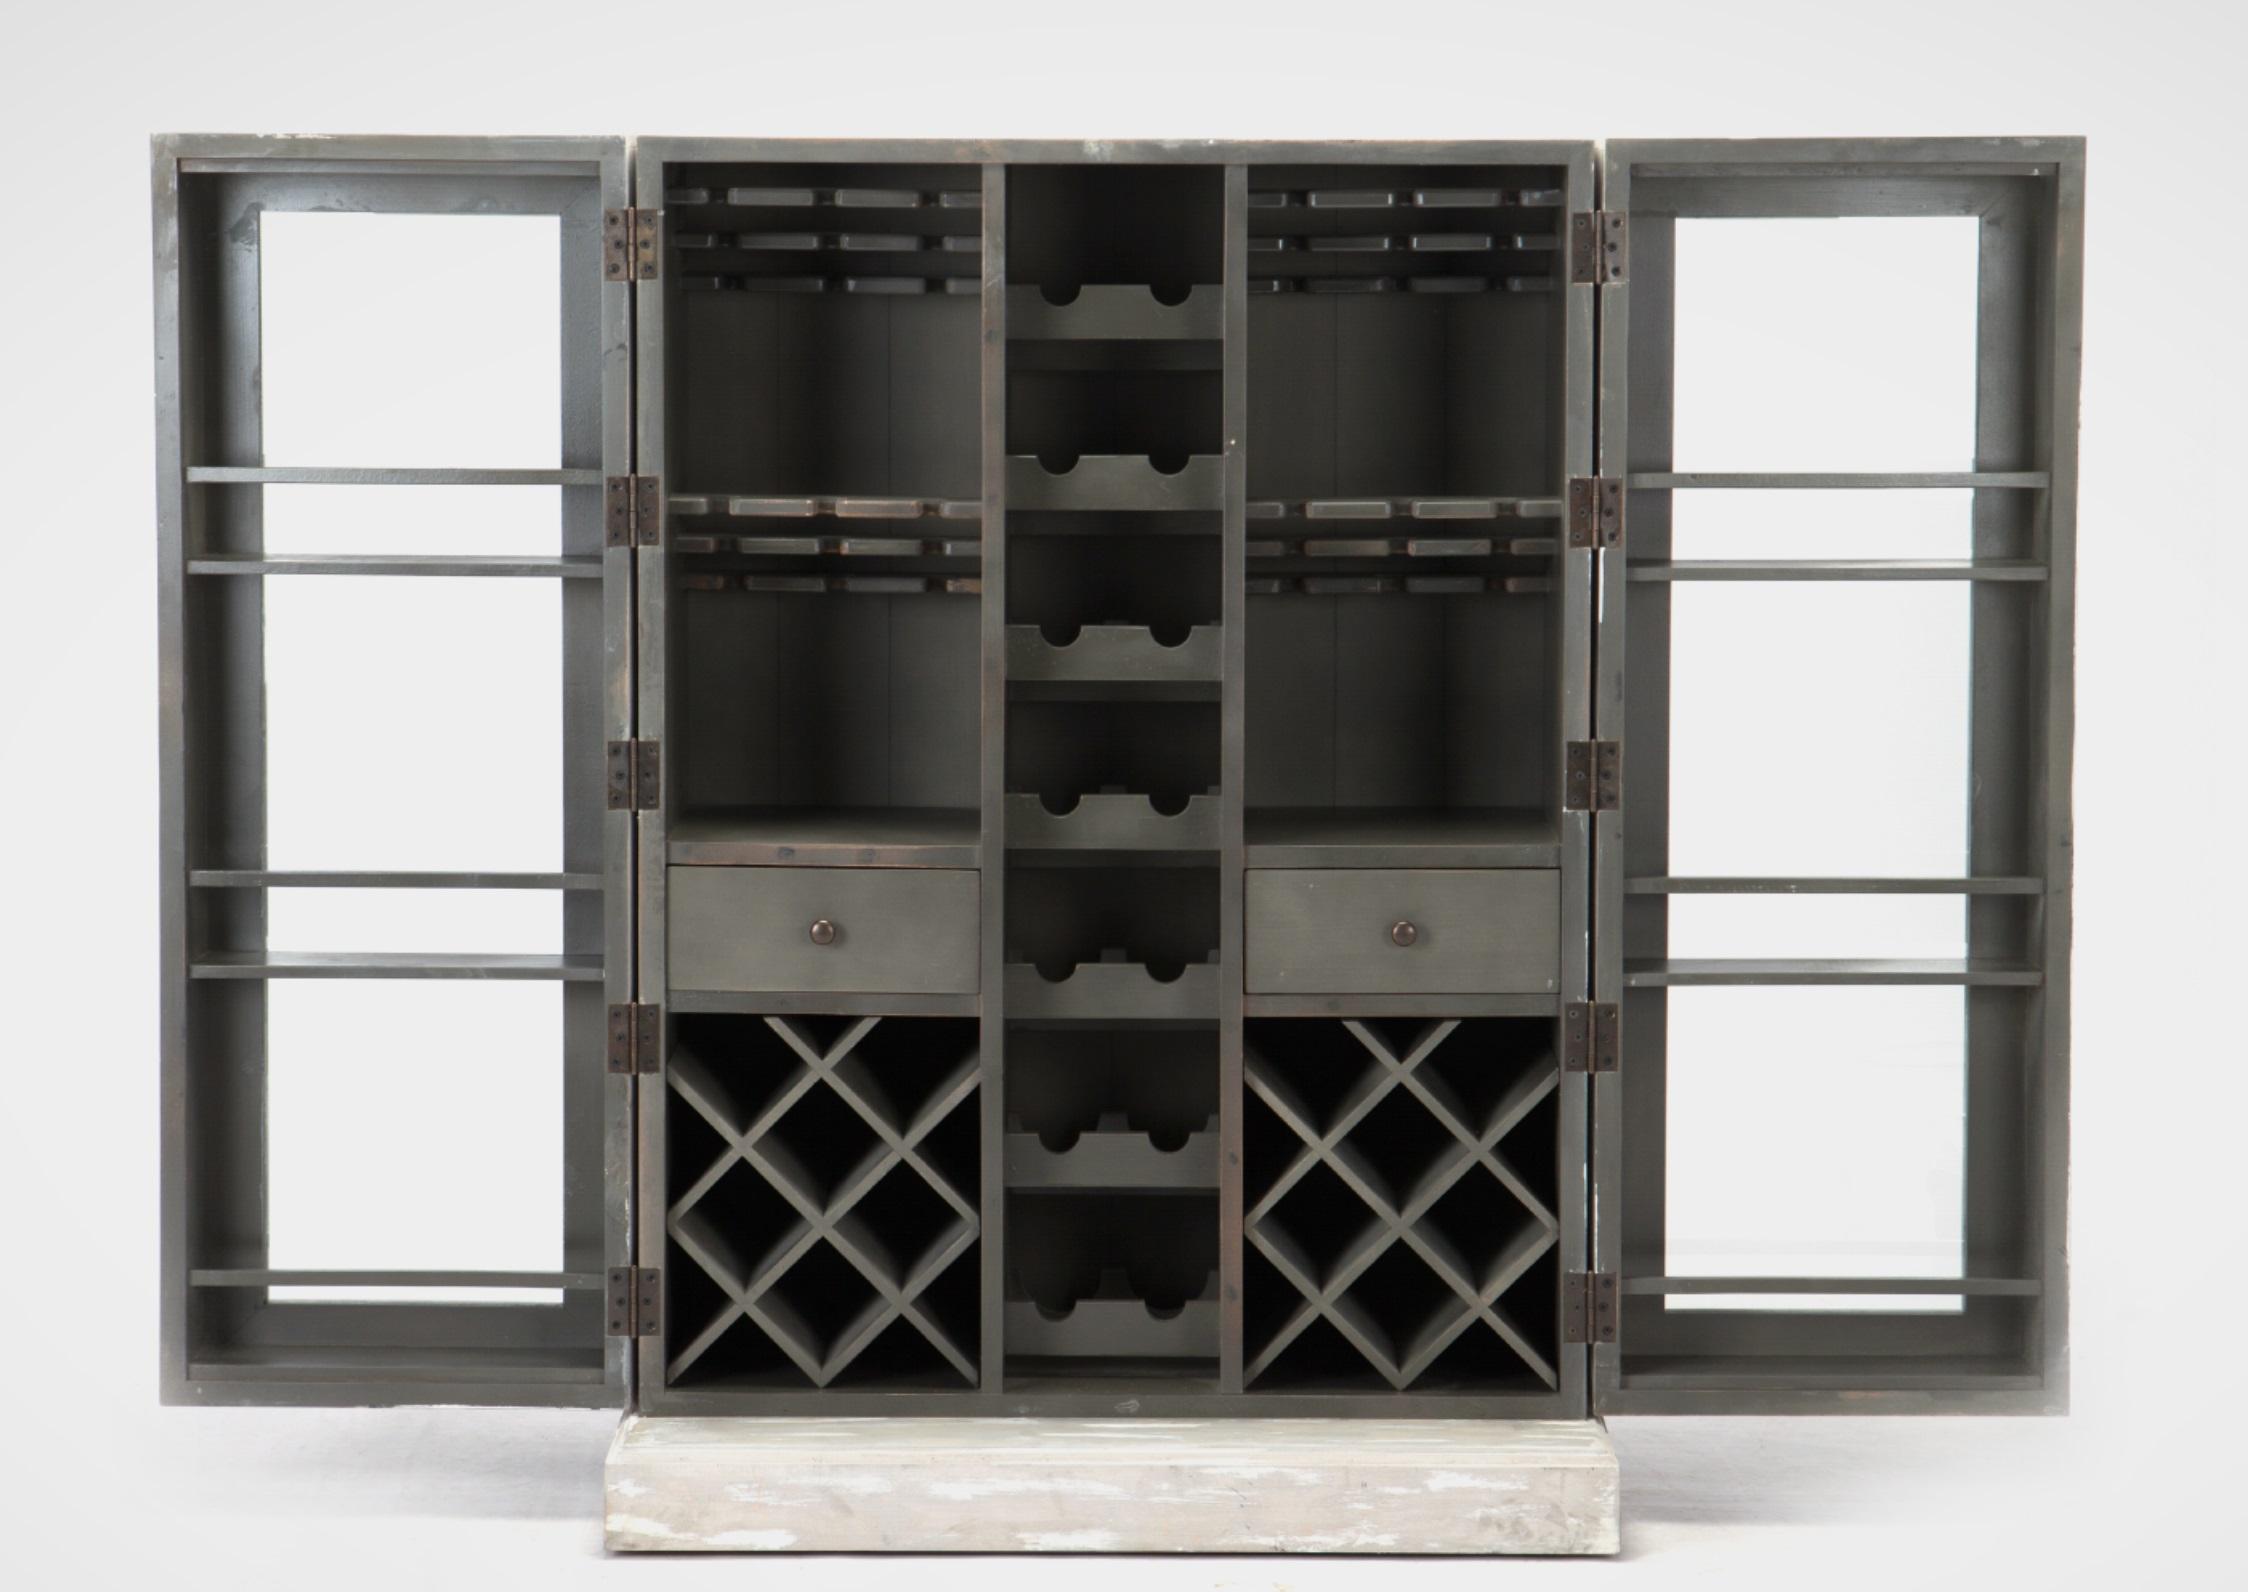 Винный шкафВинные шкафы<br>Шкаф-бар с множеством отделений для вин и держателей для бокалов, передвижной на колесиках. Внутри два выдвижных ящика. Дверцы со стеклом имеют полочки и распахиваются на 180 градусов.<br><br>Material: Дерево<br>Width см: 94<br>Depth см: 50<br>Height см: 131